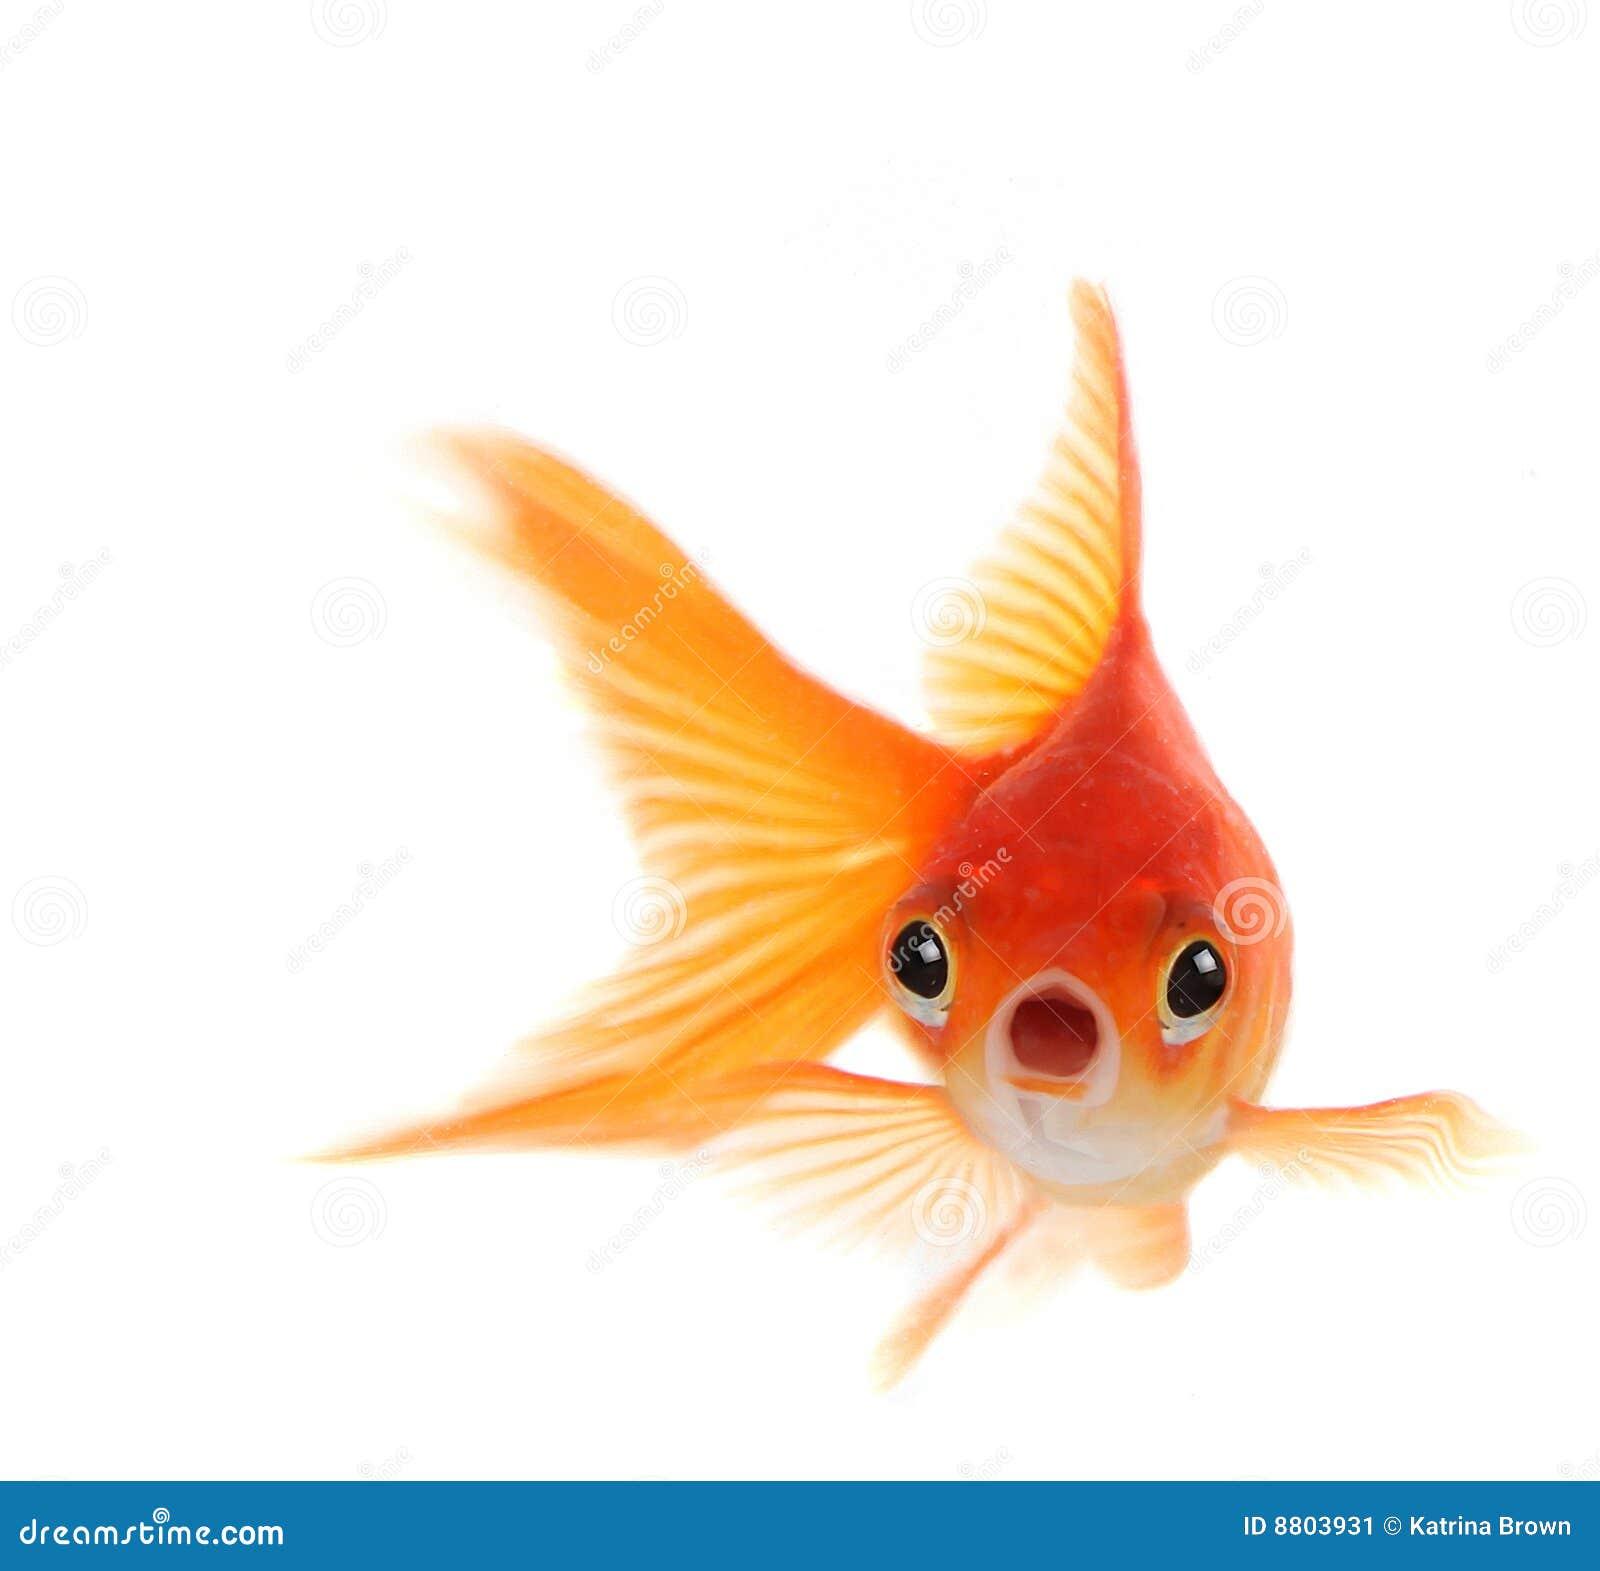 ... Orange Goldfish Shocked goldfish isolated on Black And Orange Comet